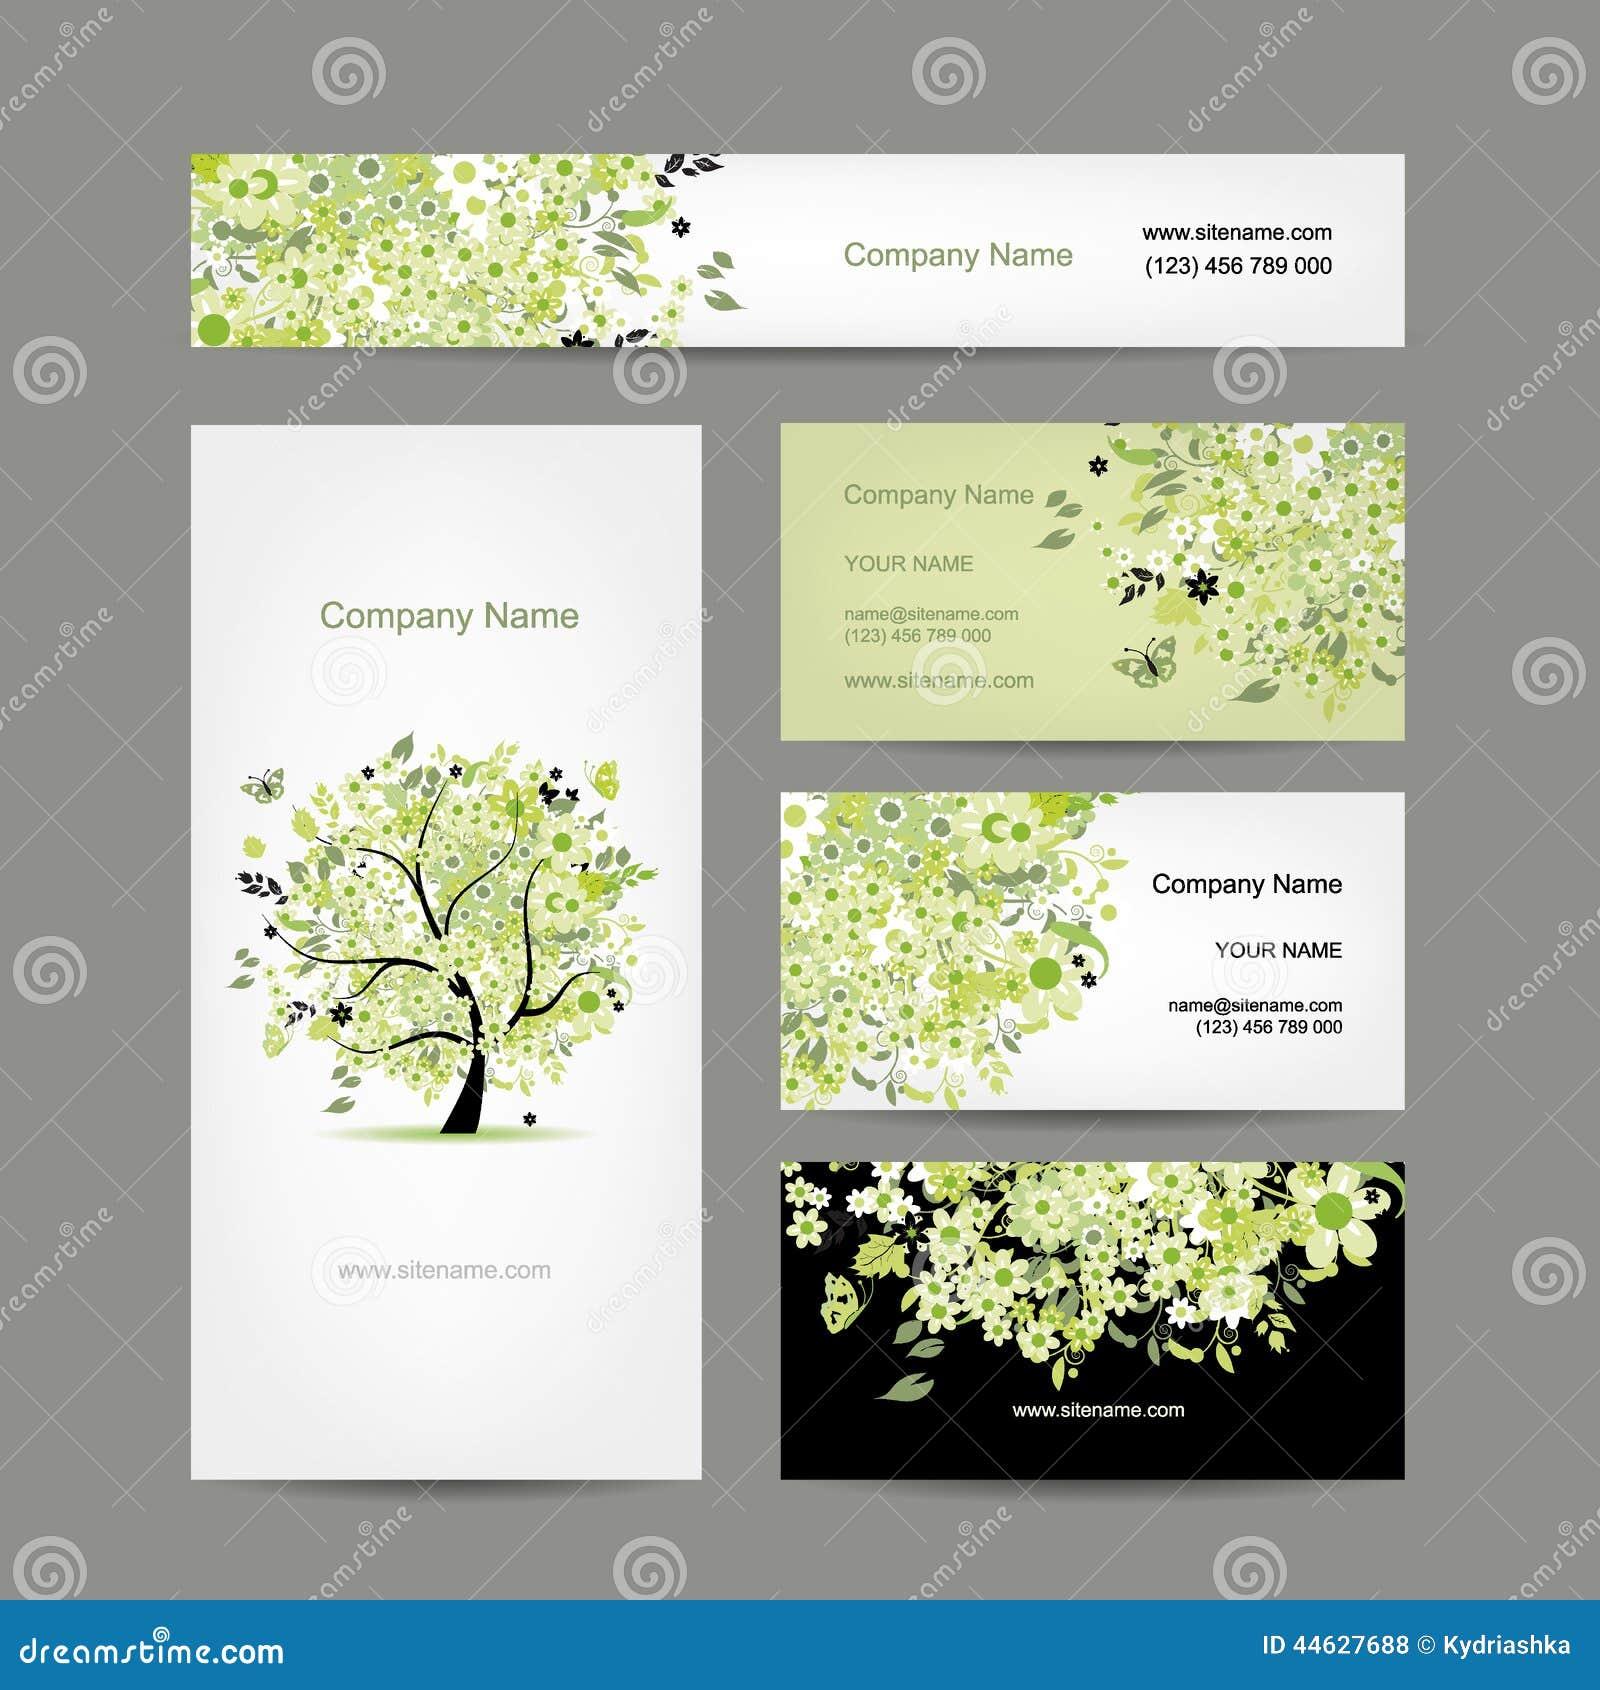 Cartes De Visite Professionnelle Conception Arbre Ressort Floral